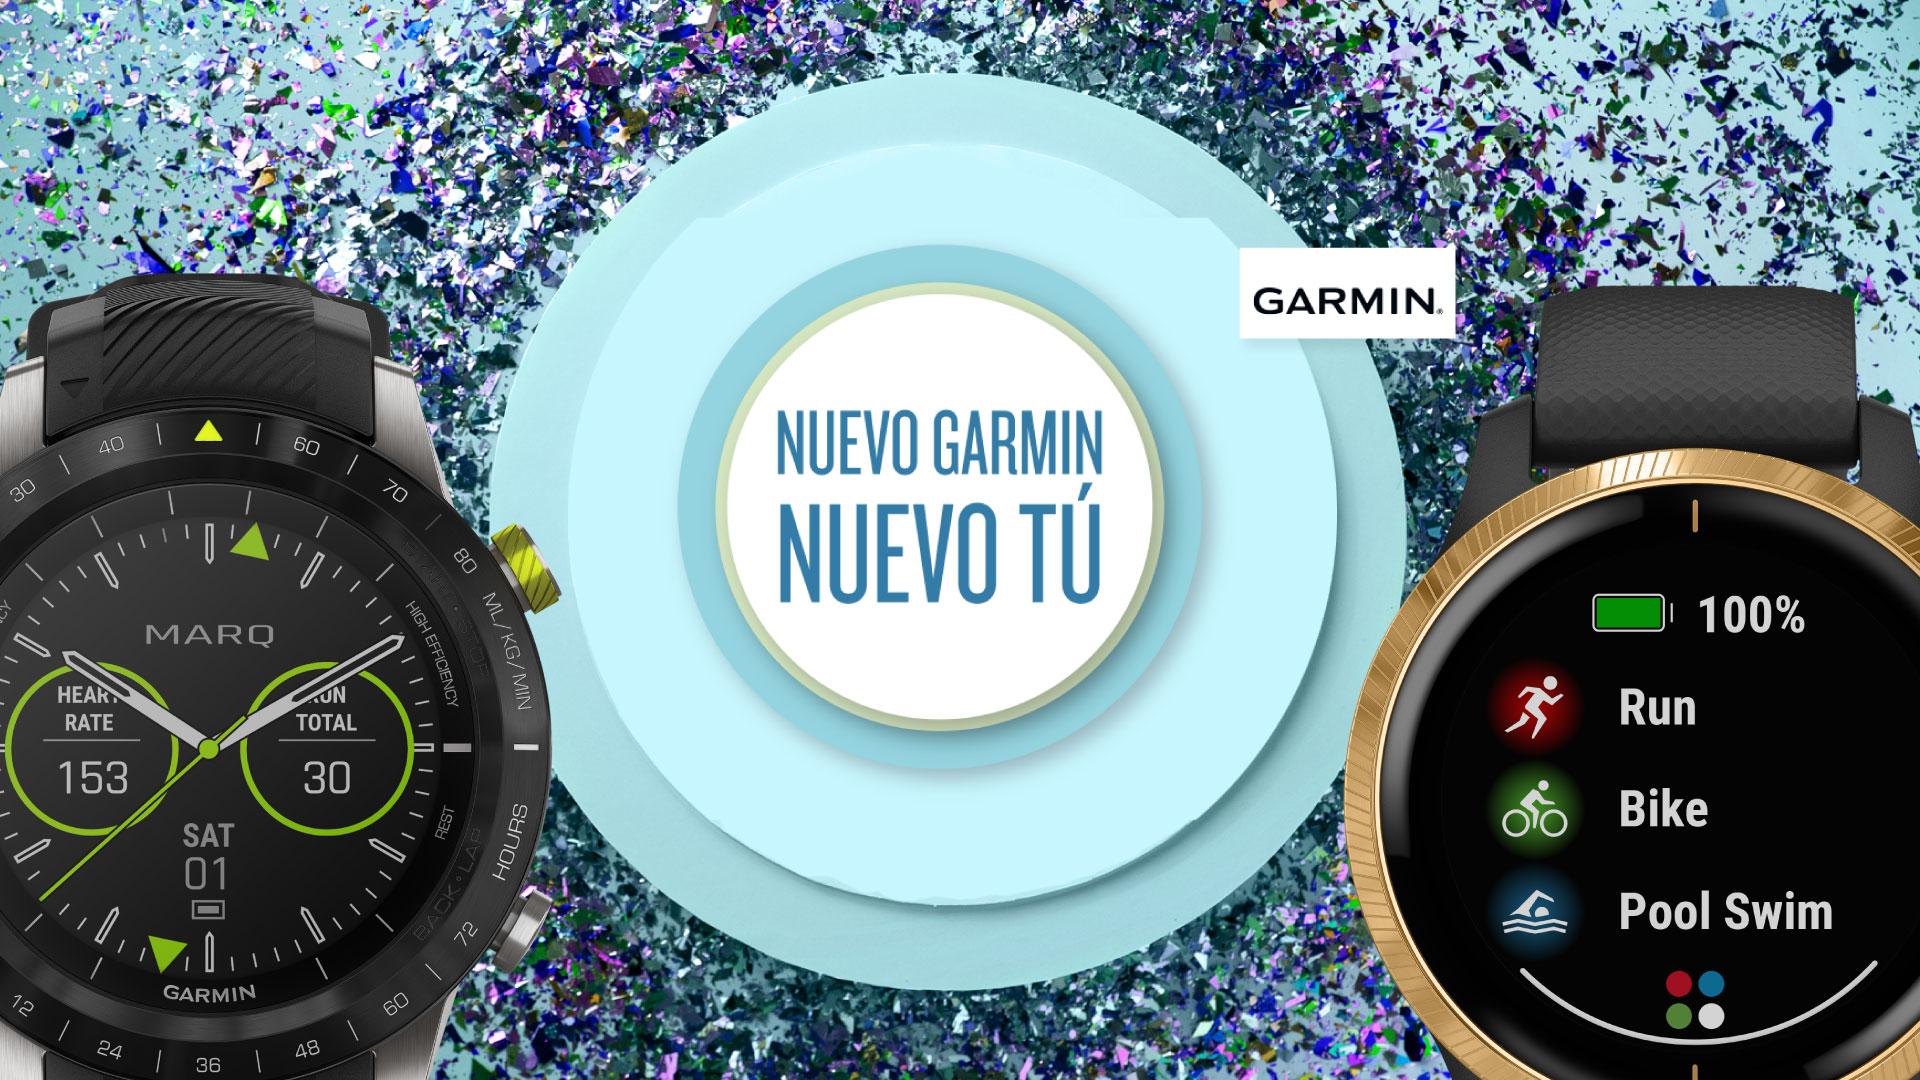 Nuevo Garmin, Nuevo Tú